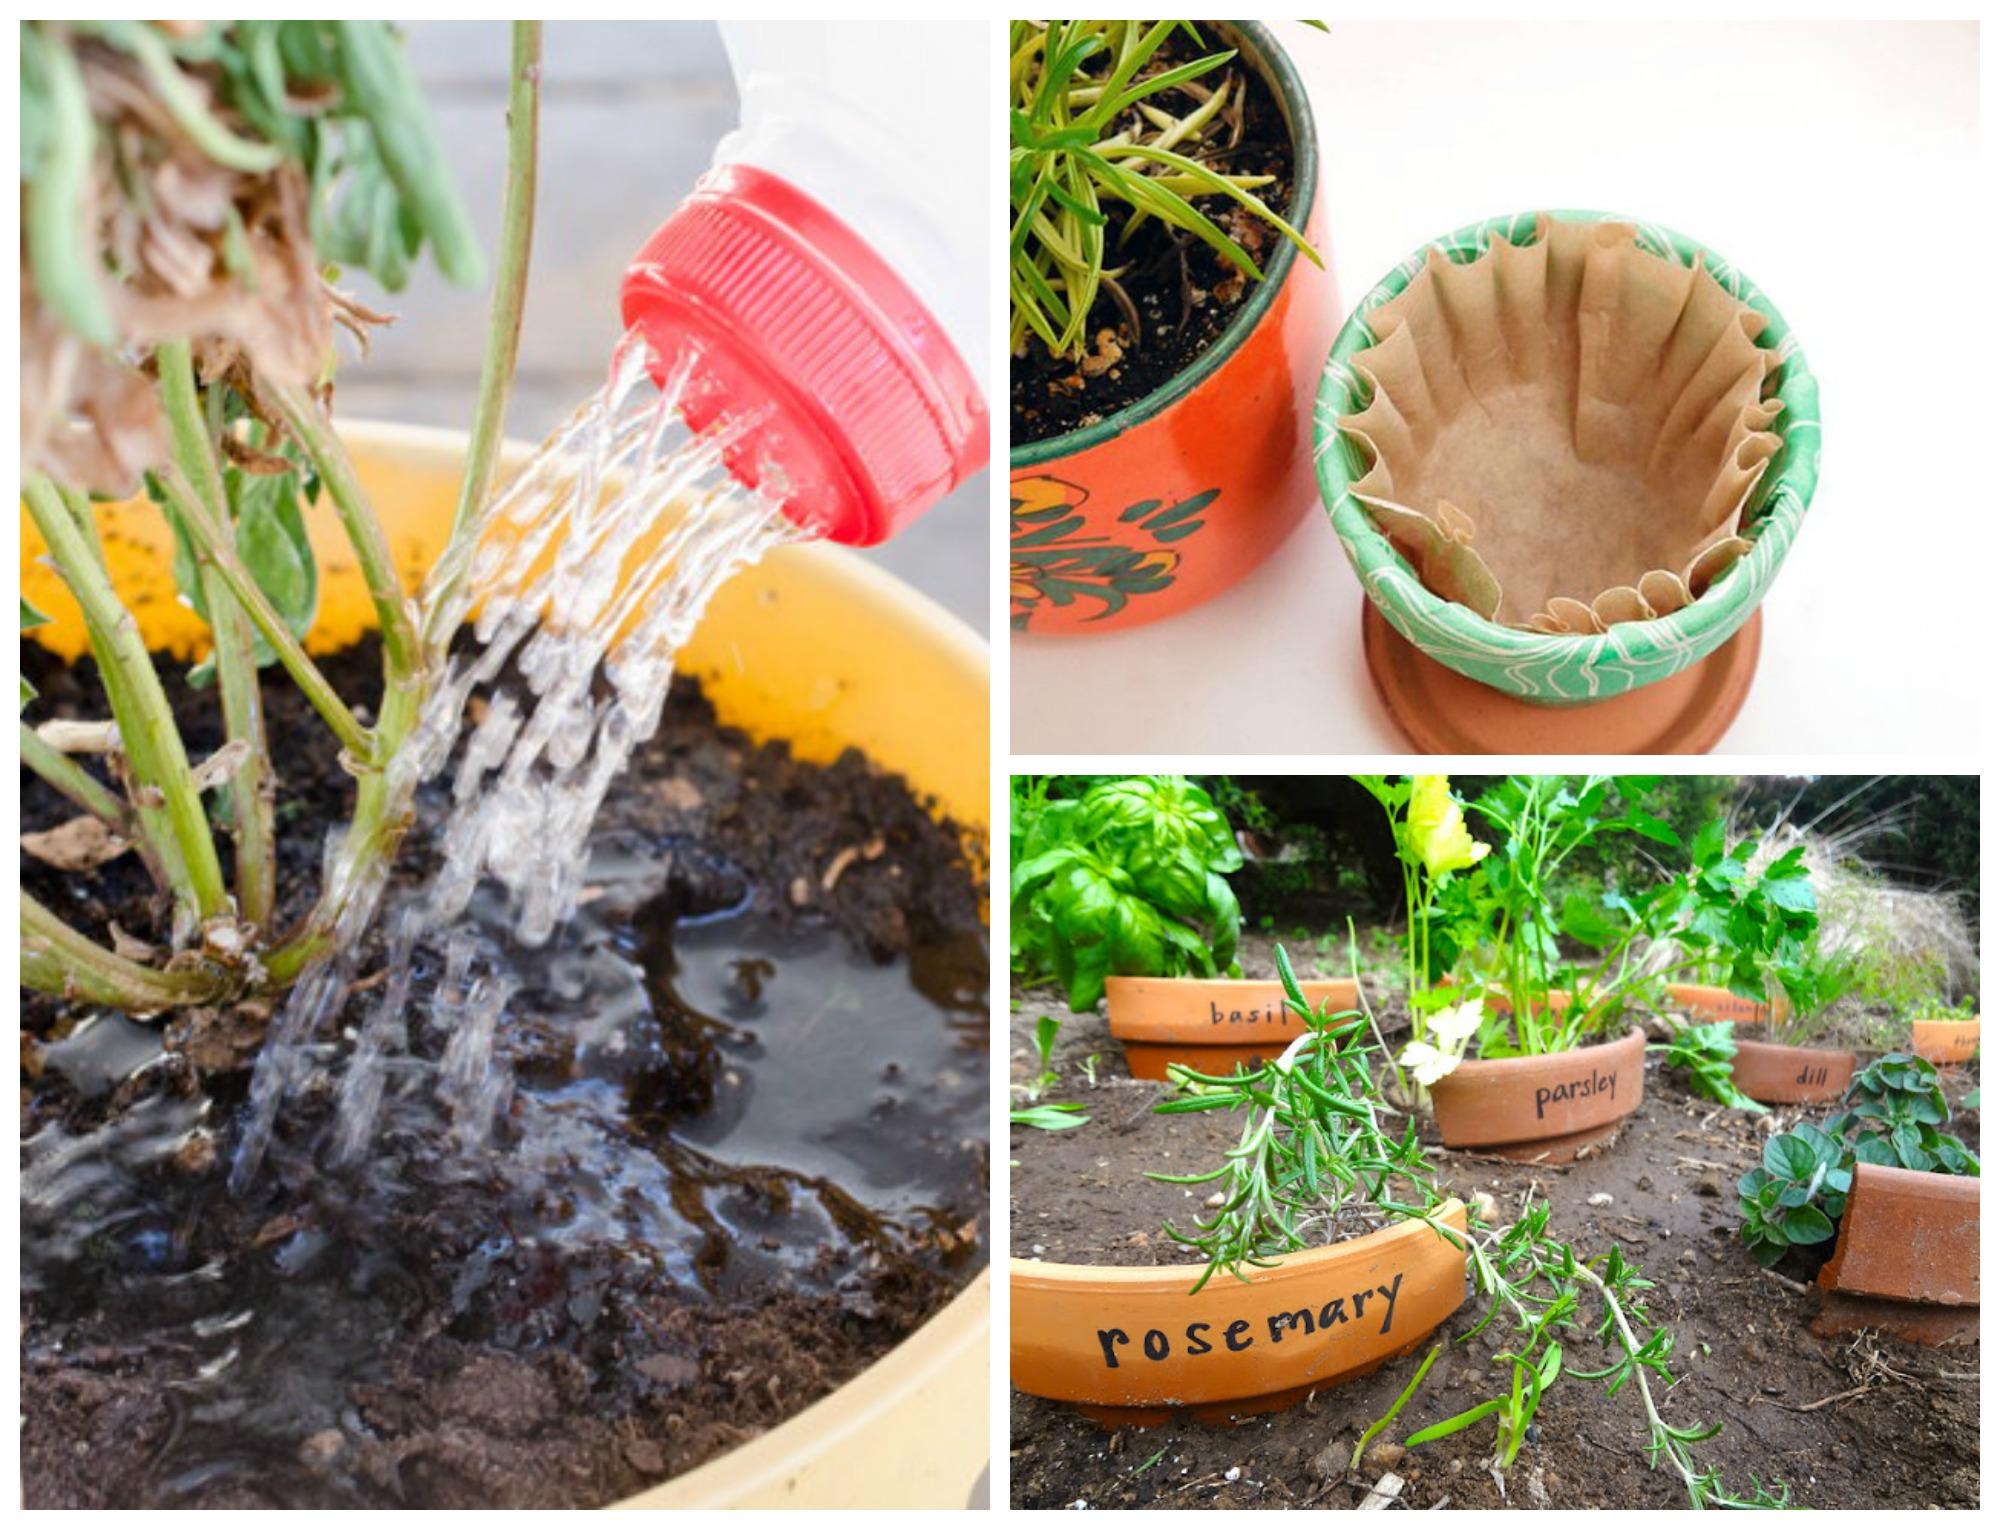 11 easy gardening hacks and tips youll wish youd known sooner - Garden Hacks